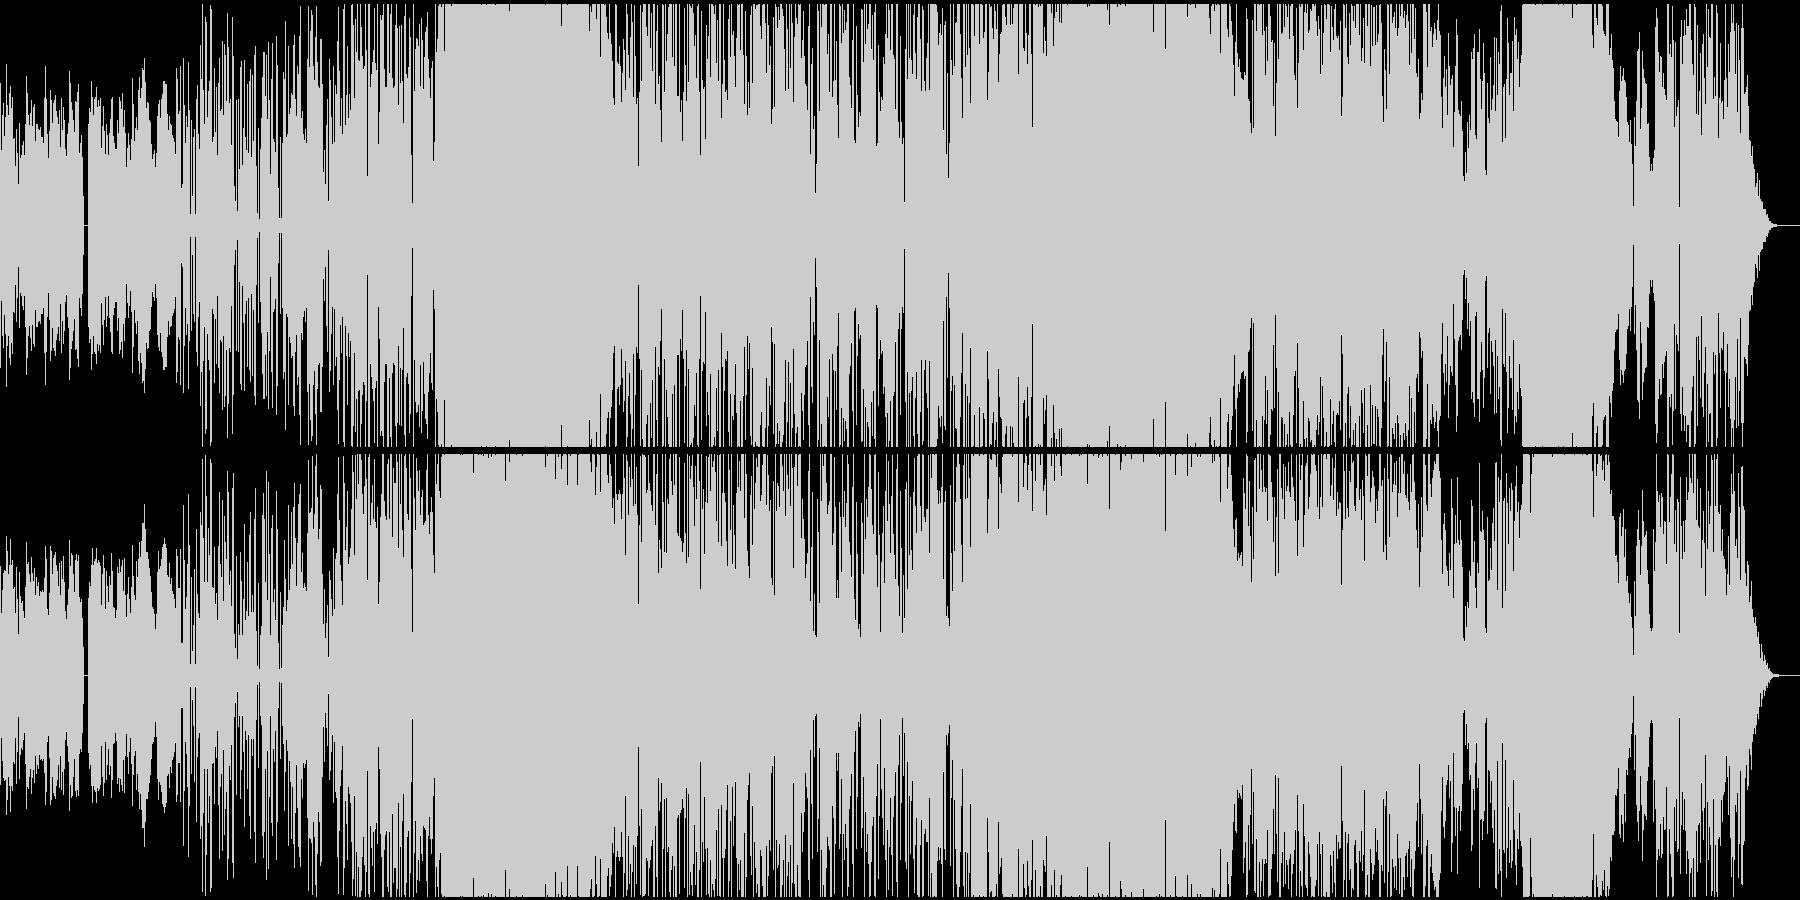 雨降るイメージのロックバラードの未再生の波形